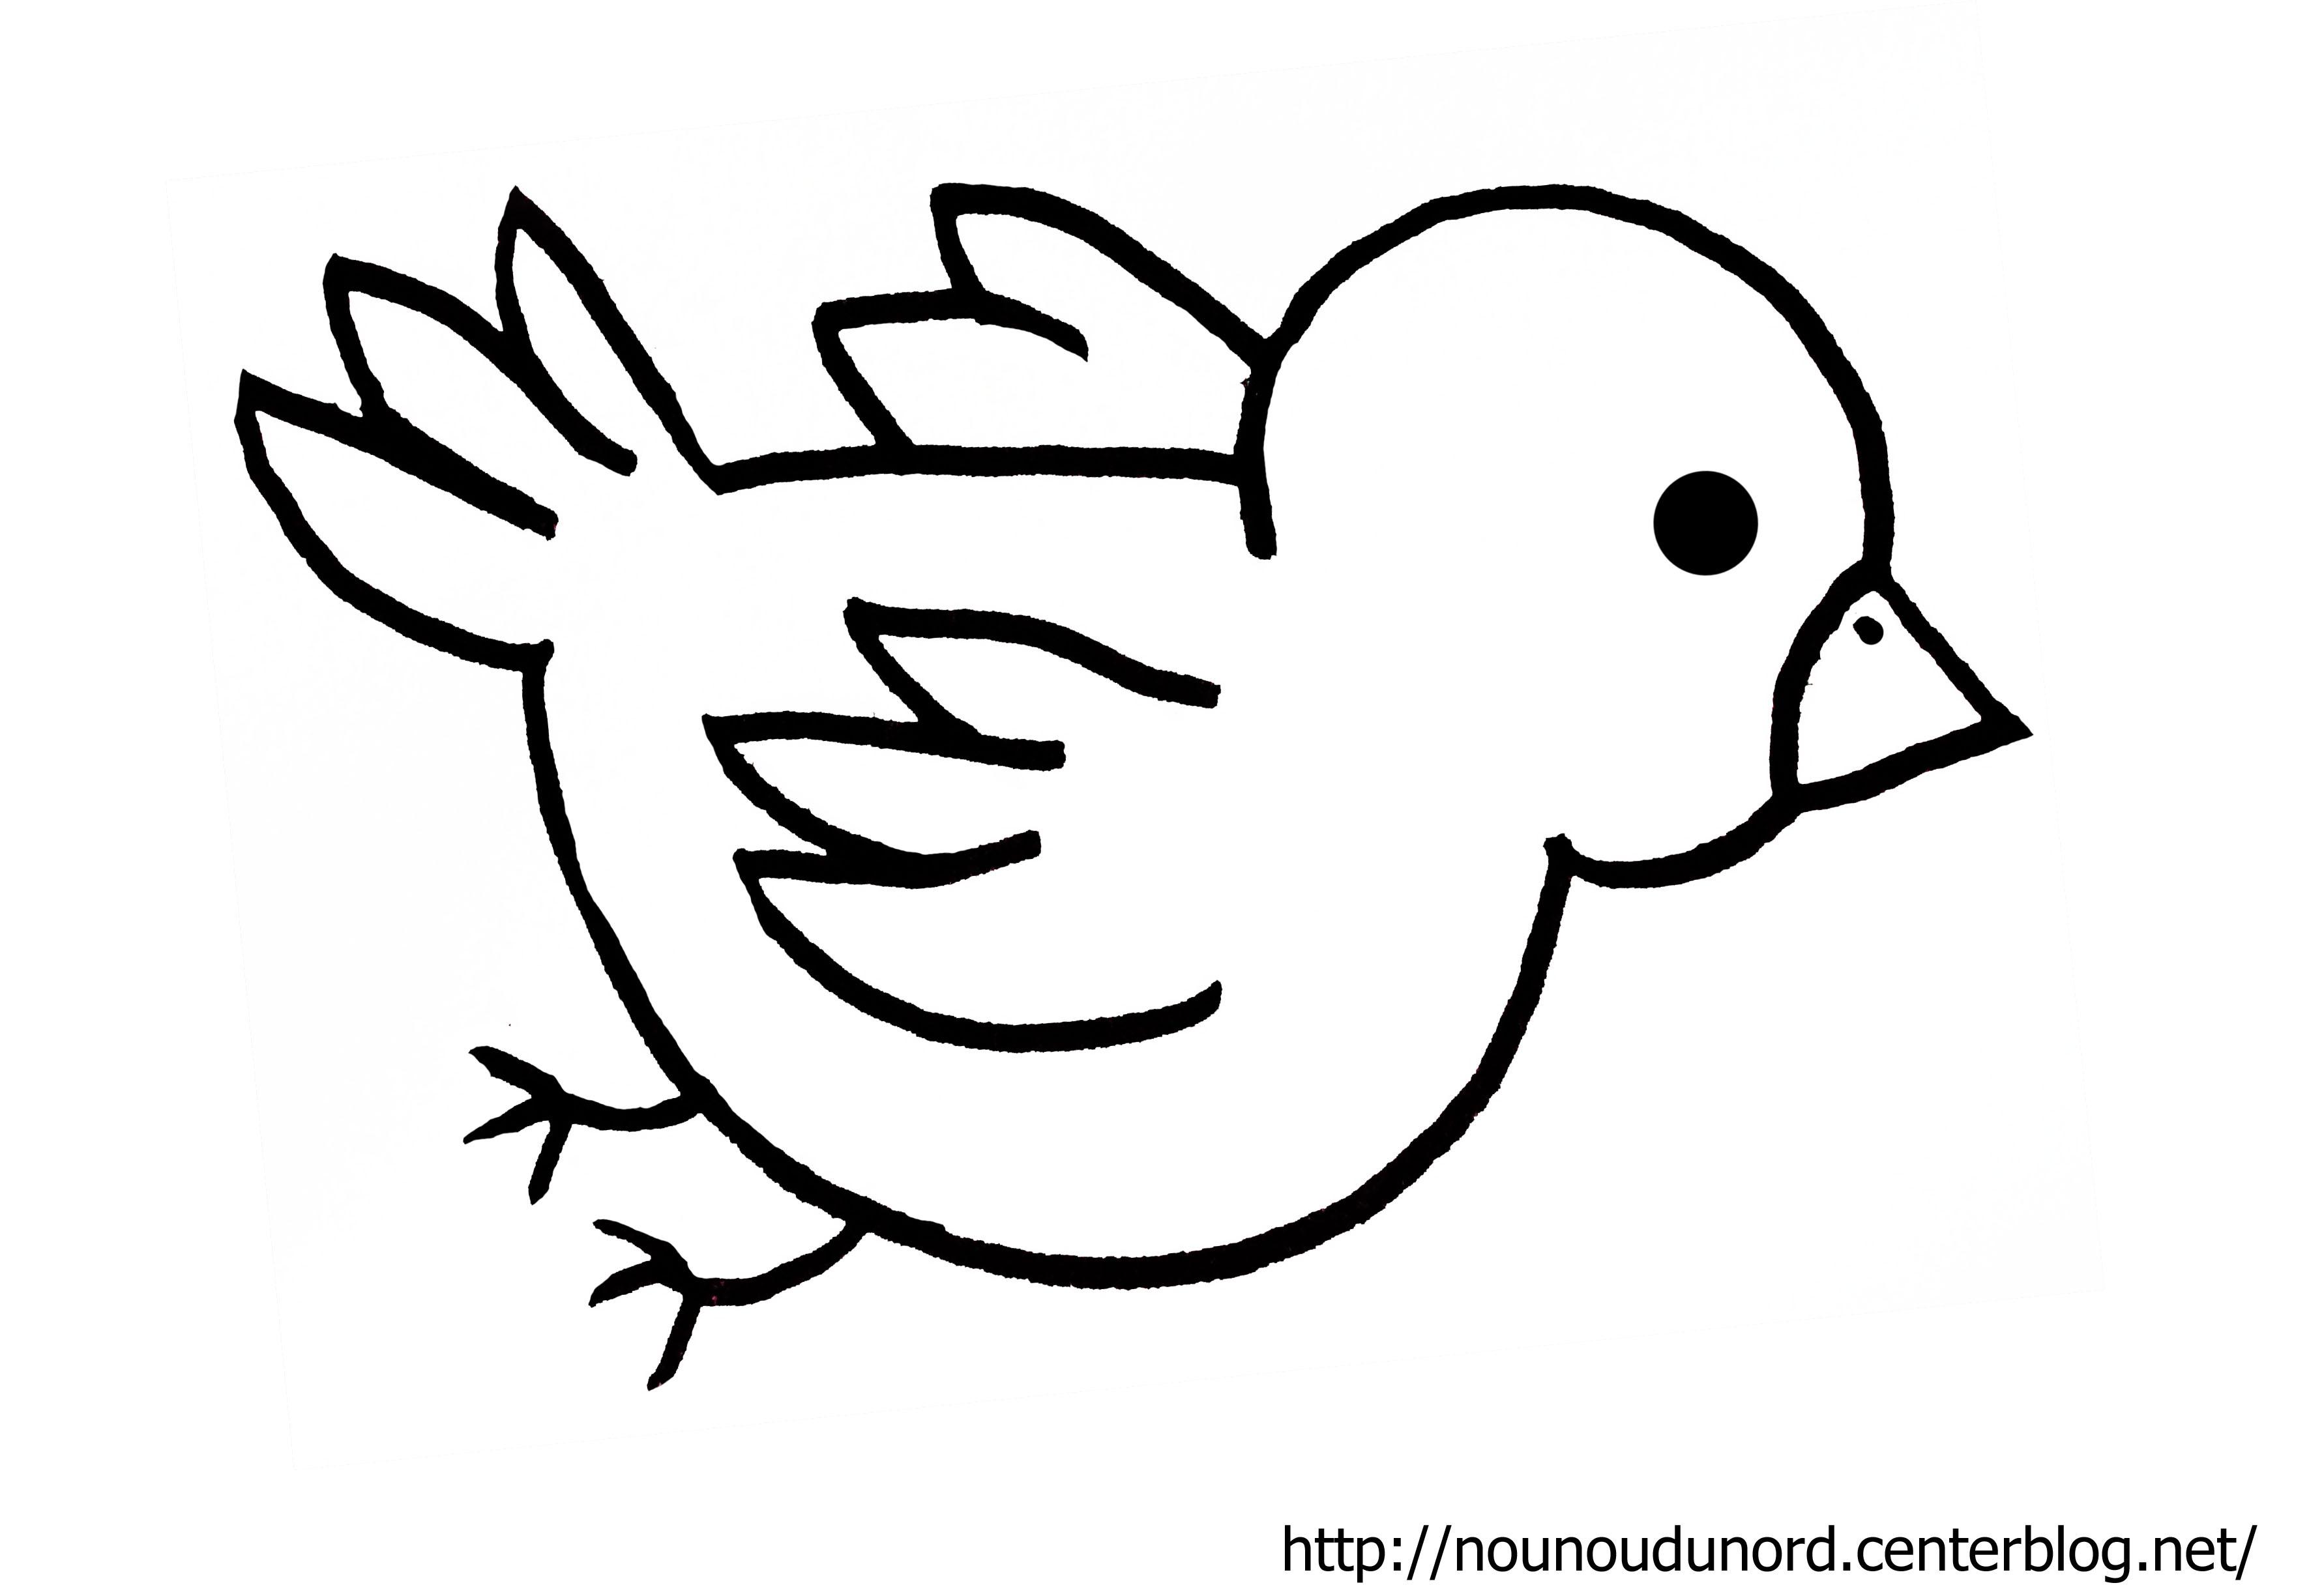 coloriage à dessiner oiseau stylisé